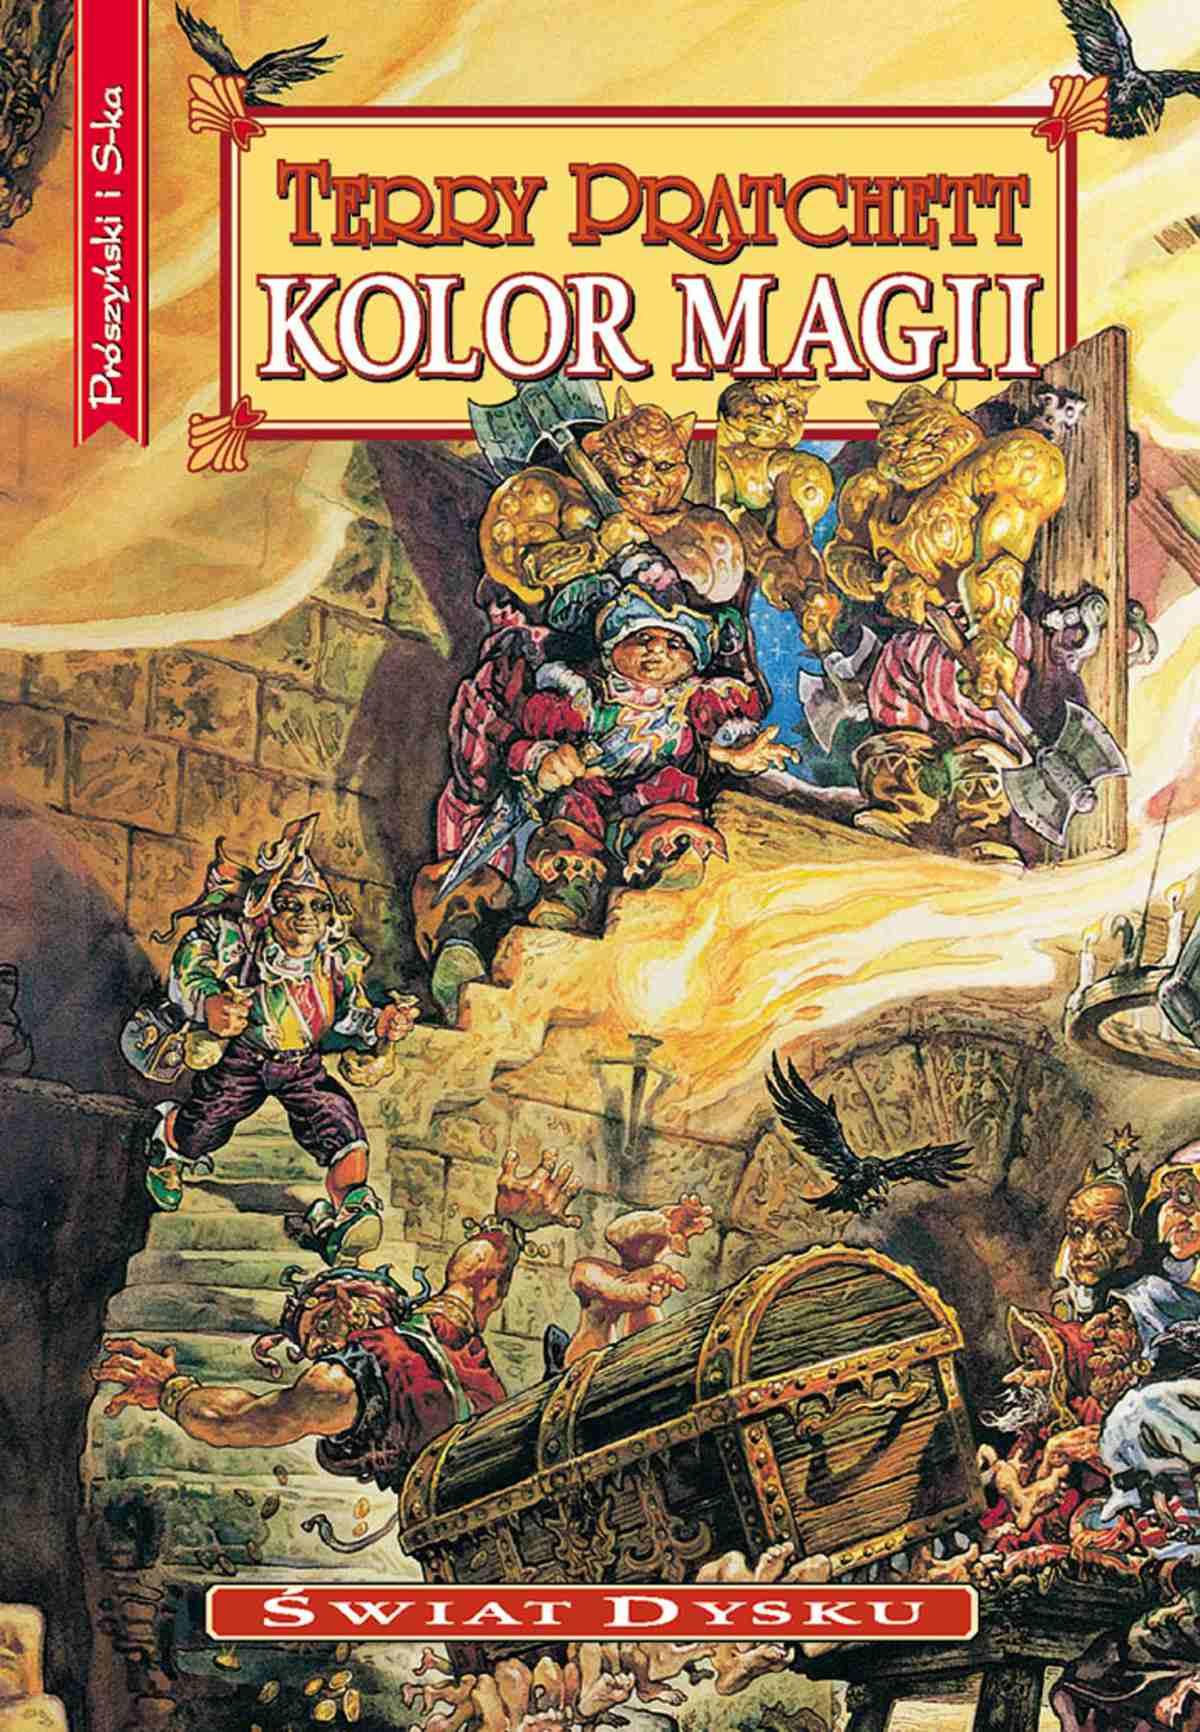 Kolor magii - Ebook (Książka EPUB) do pobrania w formacie EPUB